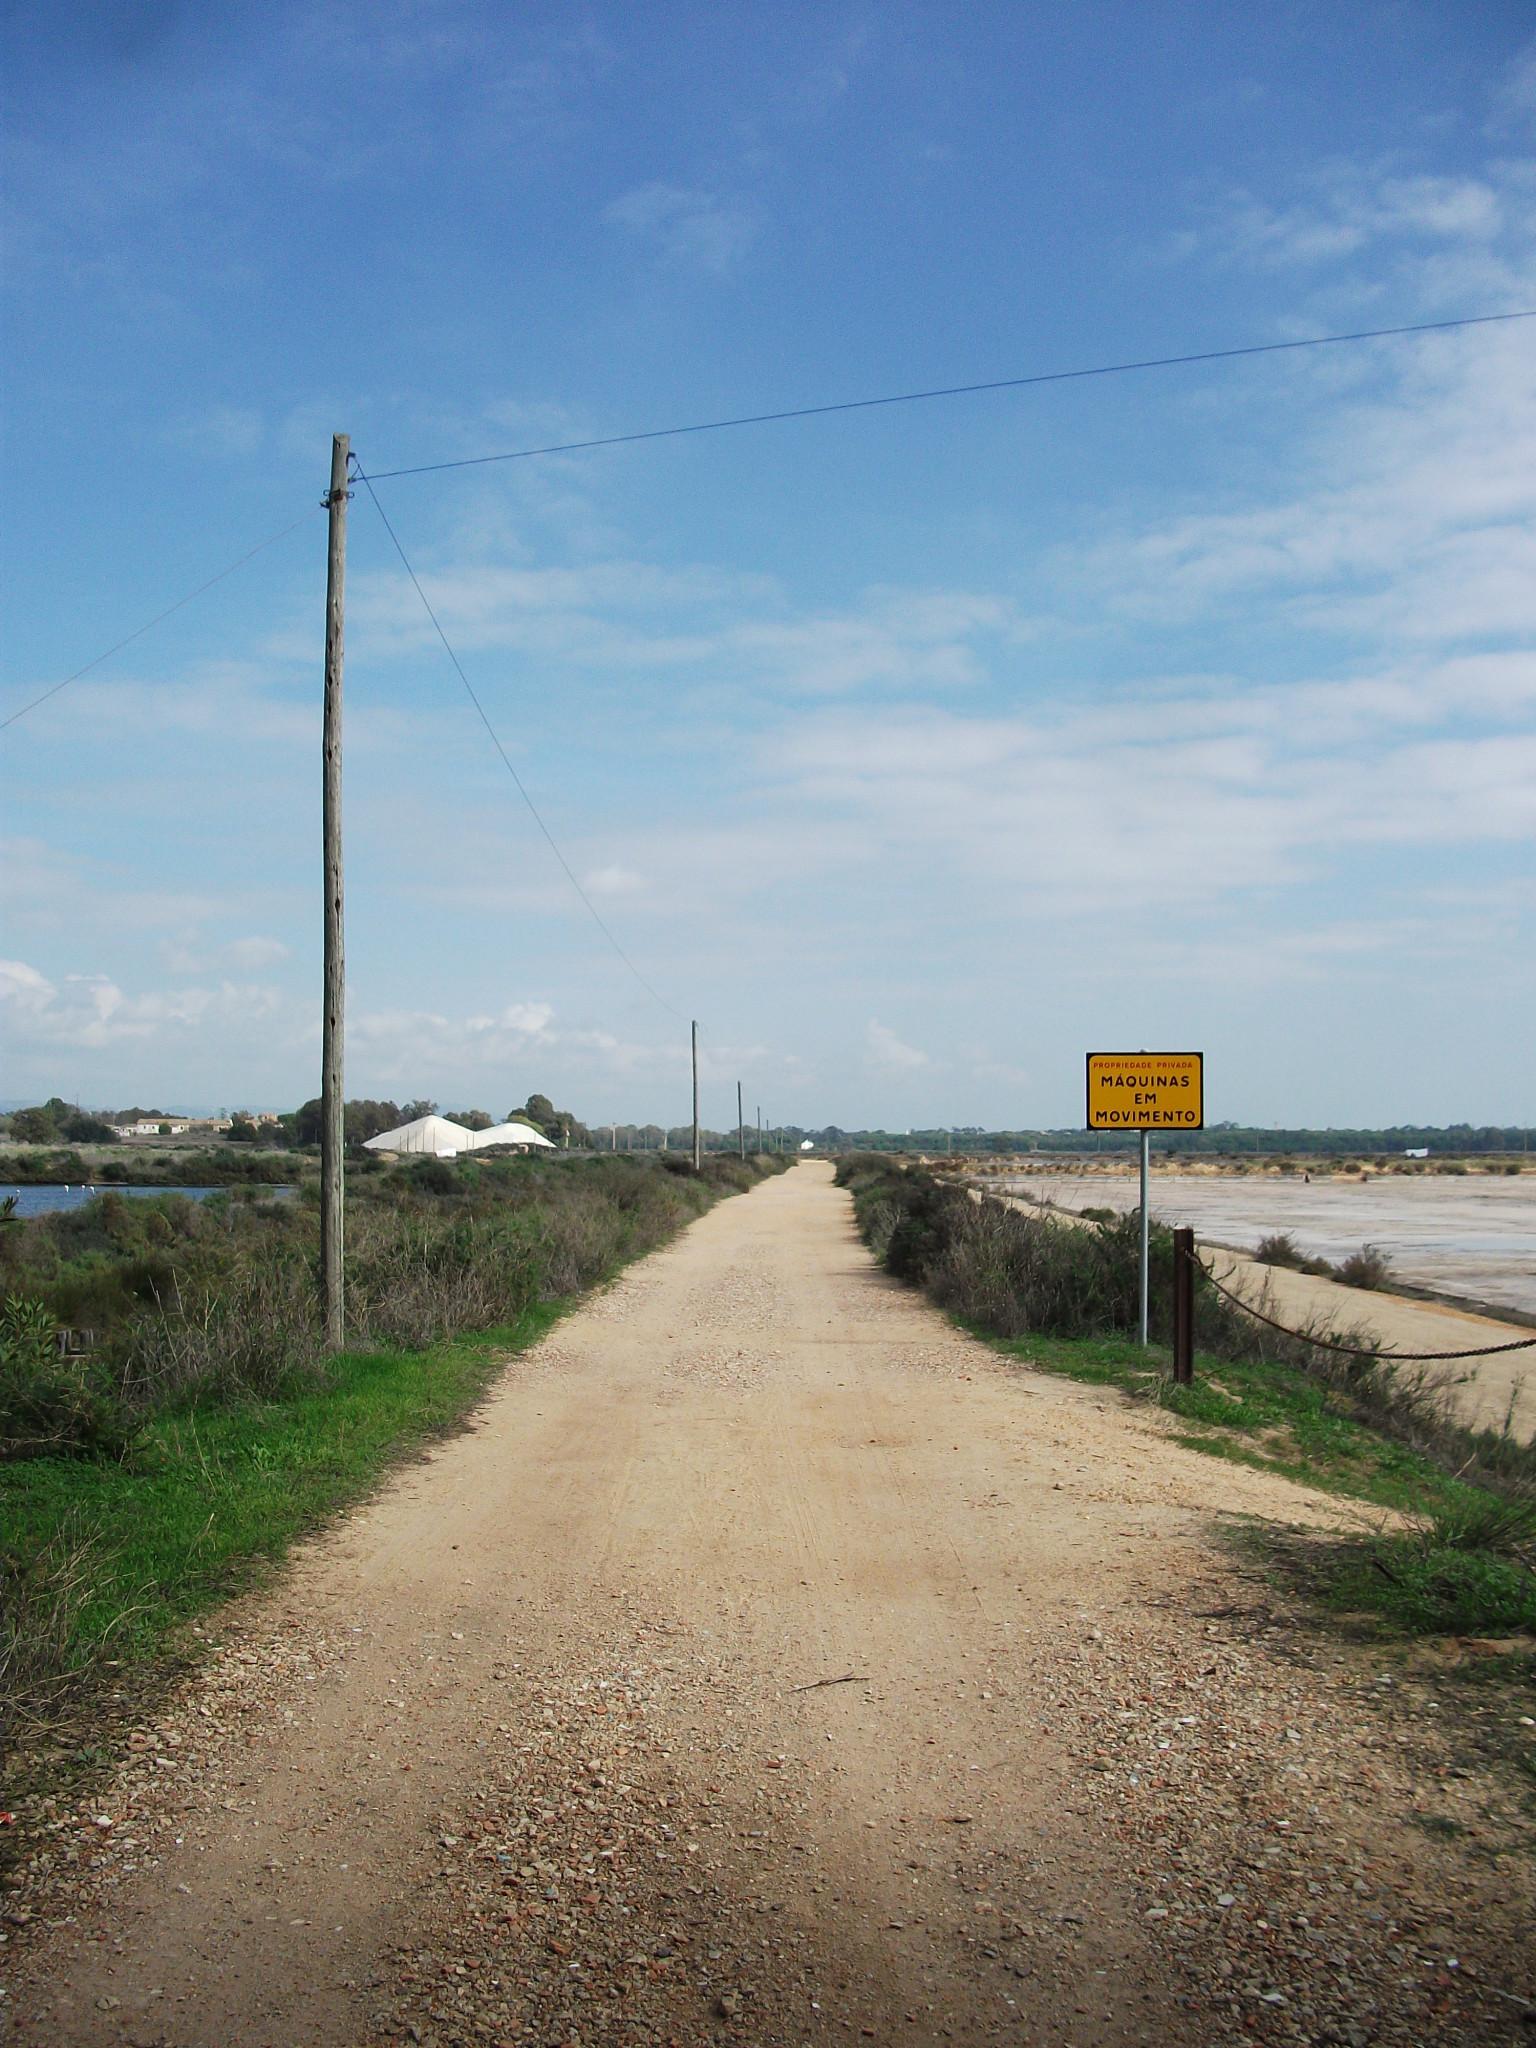 A track by saltpans